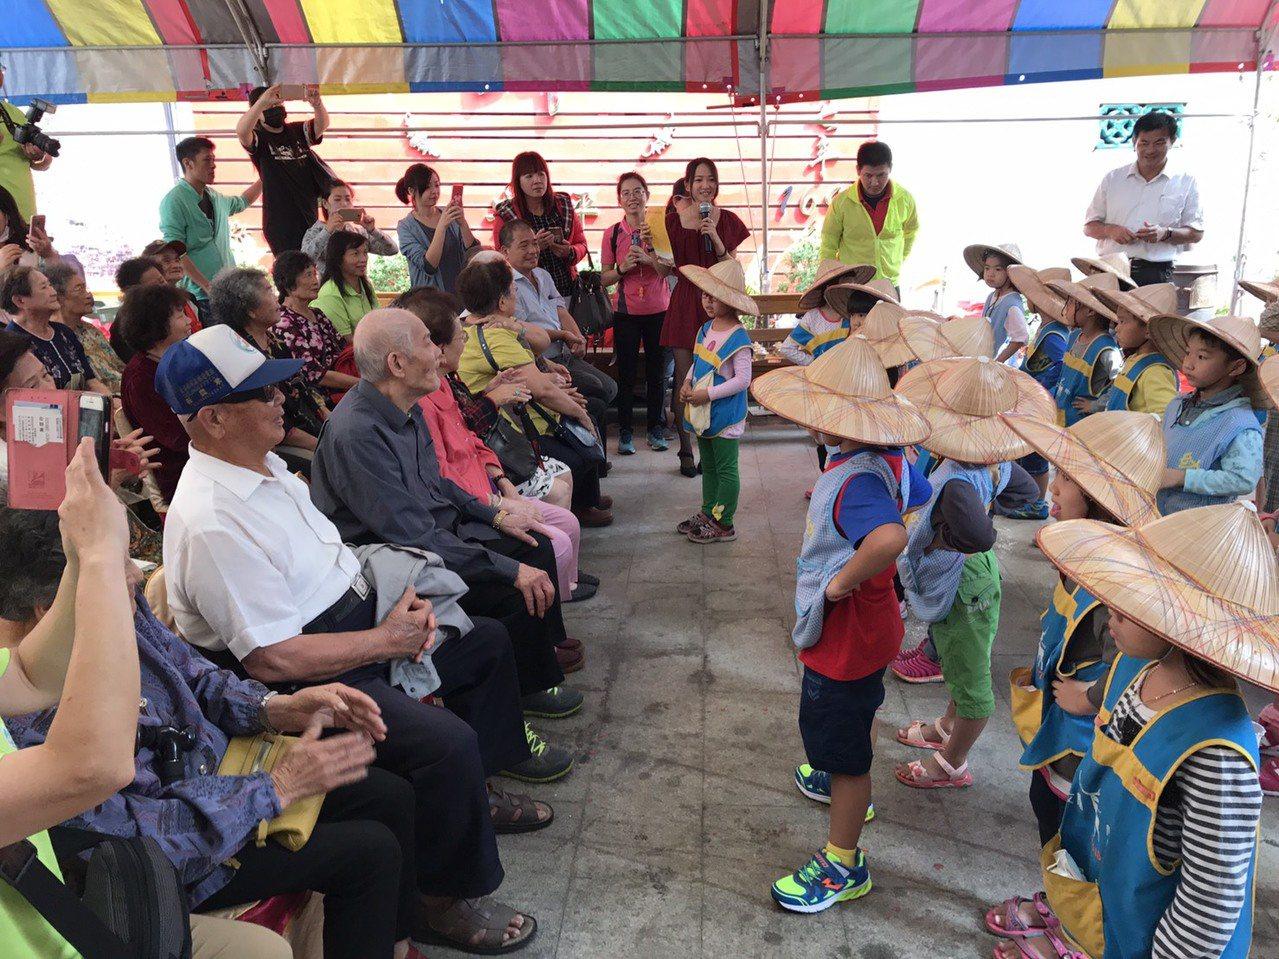 彰化縣鹿港鎮文開國小幼童跳舞,讓長者感到開心。記者簡慧珍/攝影